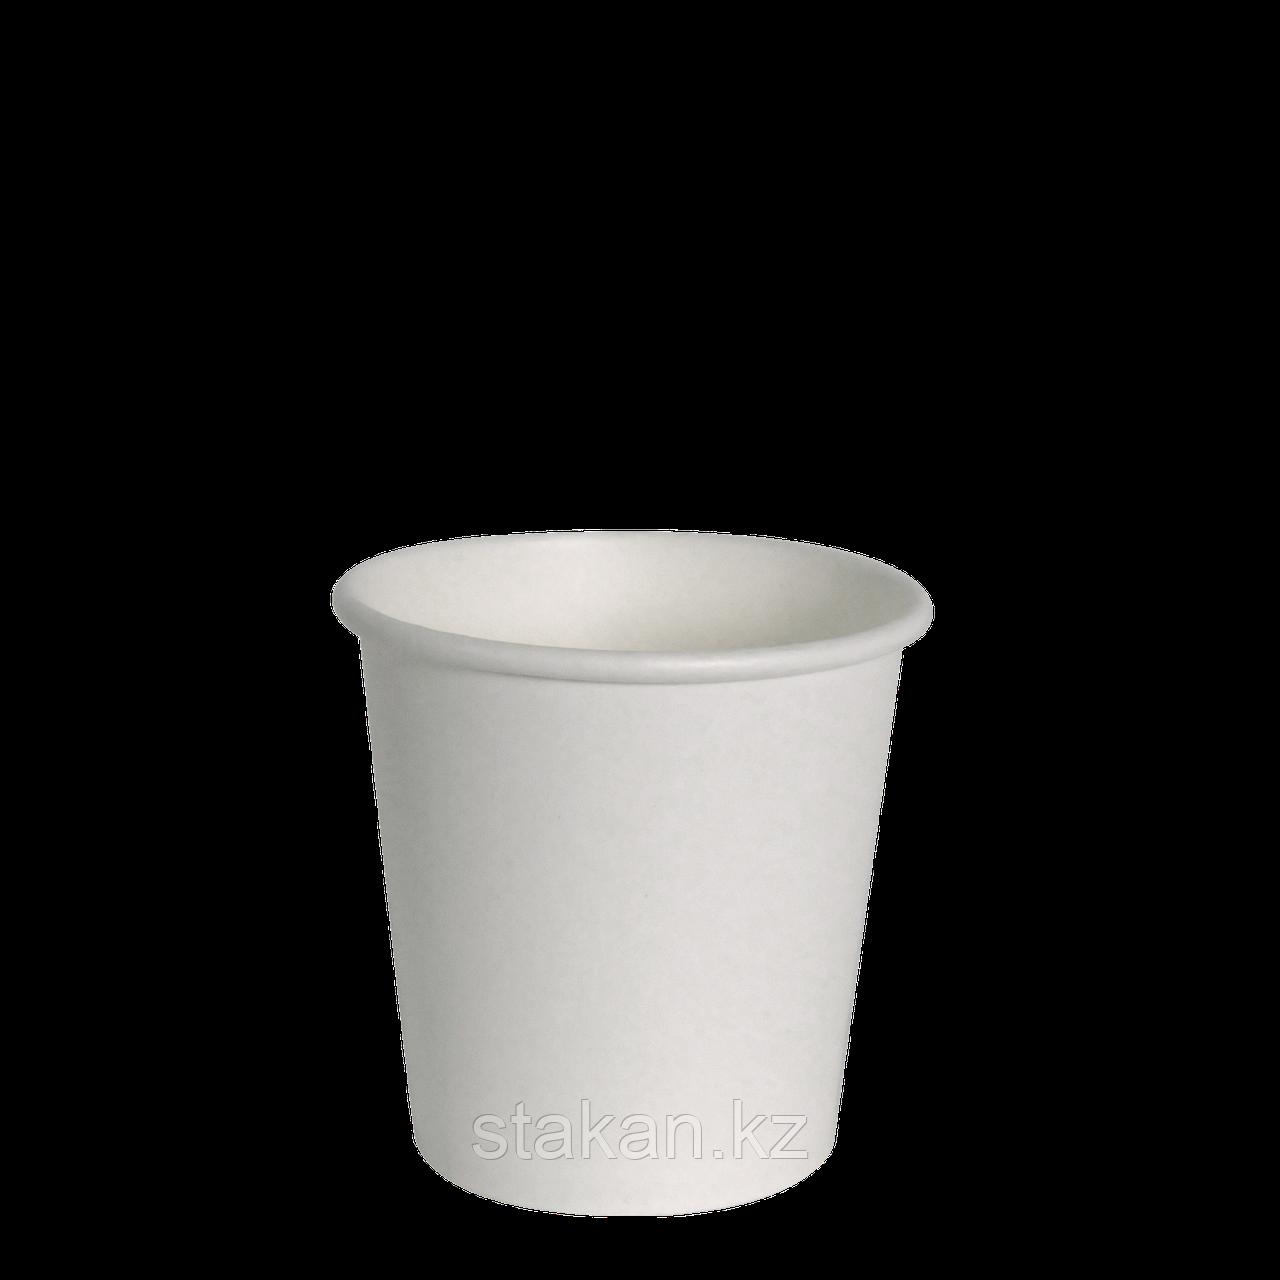 Бумажный стакан 100 мл (БЕЛЫЙ)